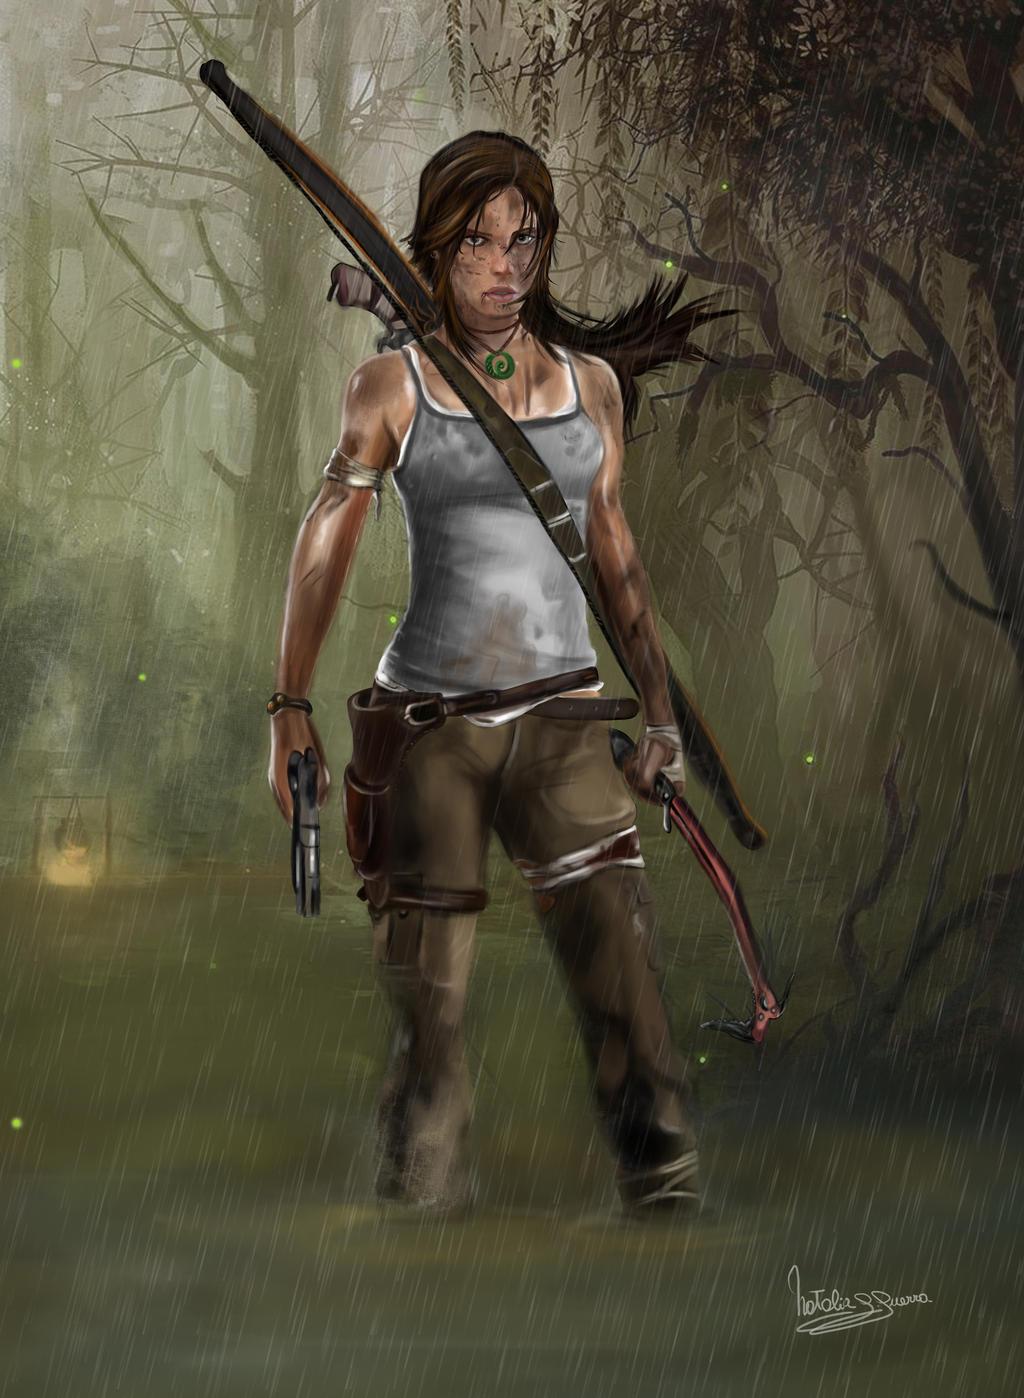 Lara Croft  - Tomb Raider by natiwar02